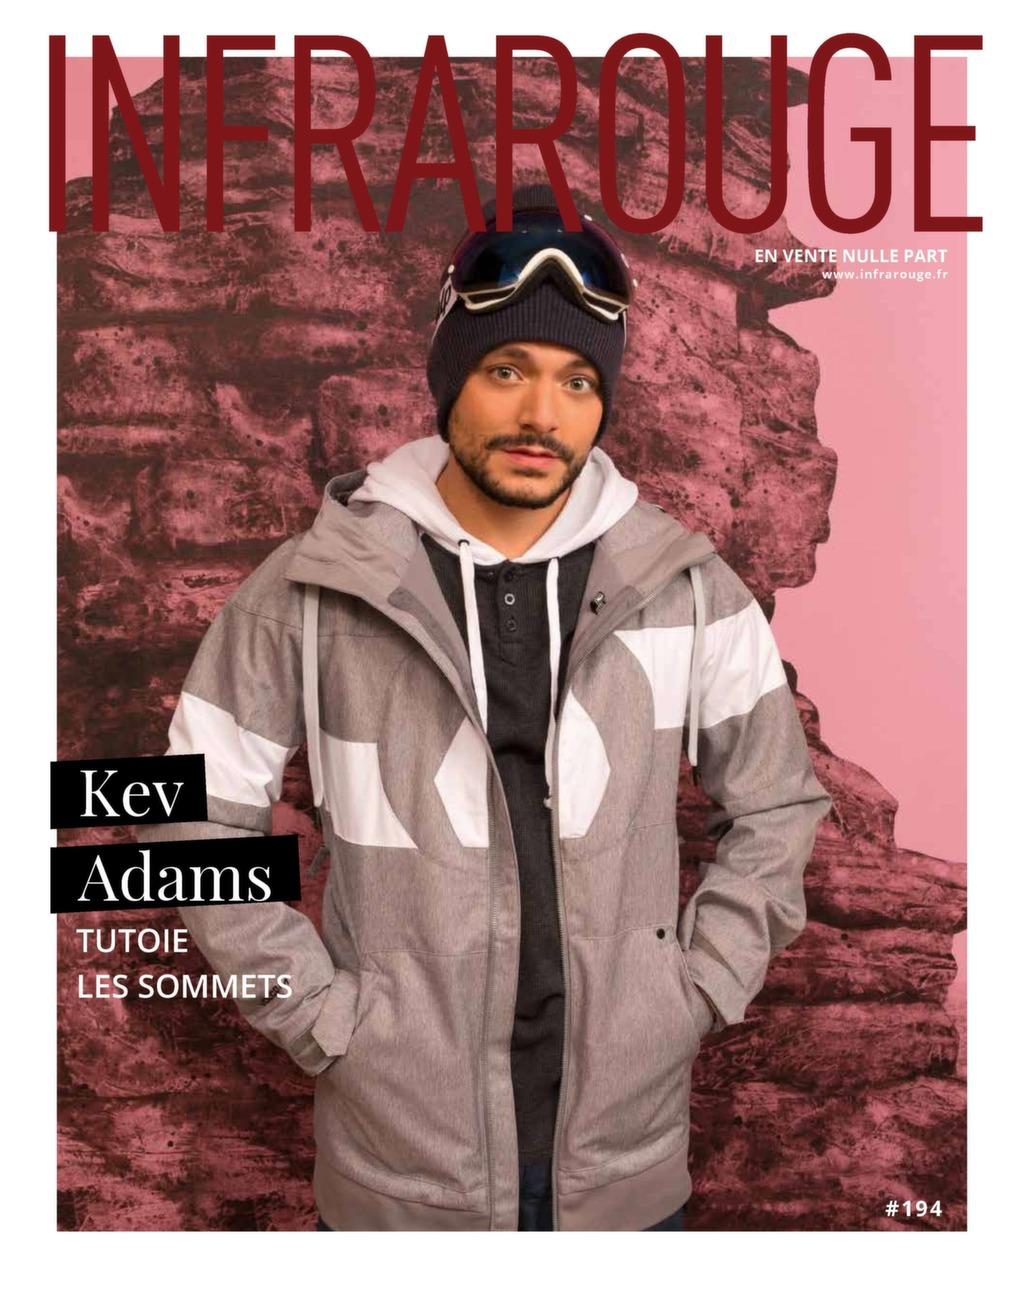 Couverture de magazine du mois de Janvier 2018